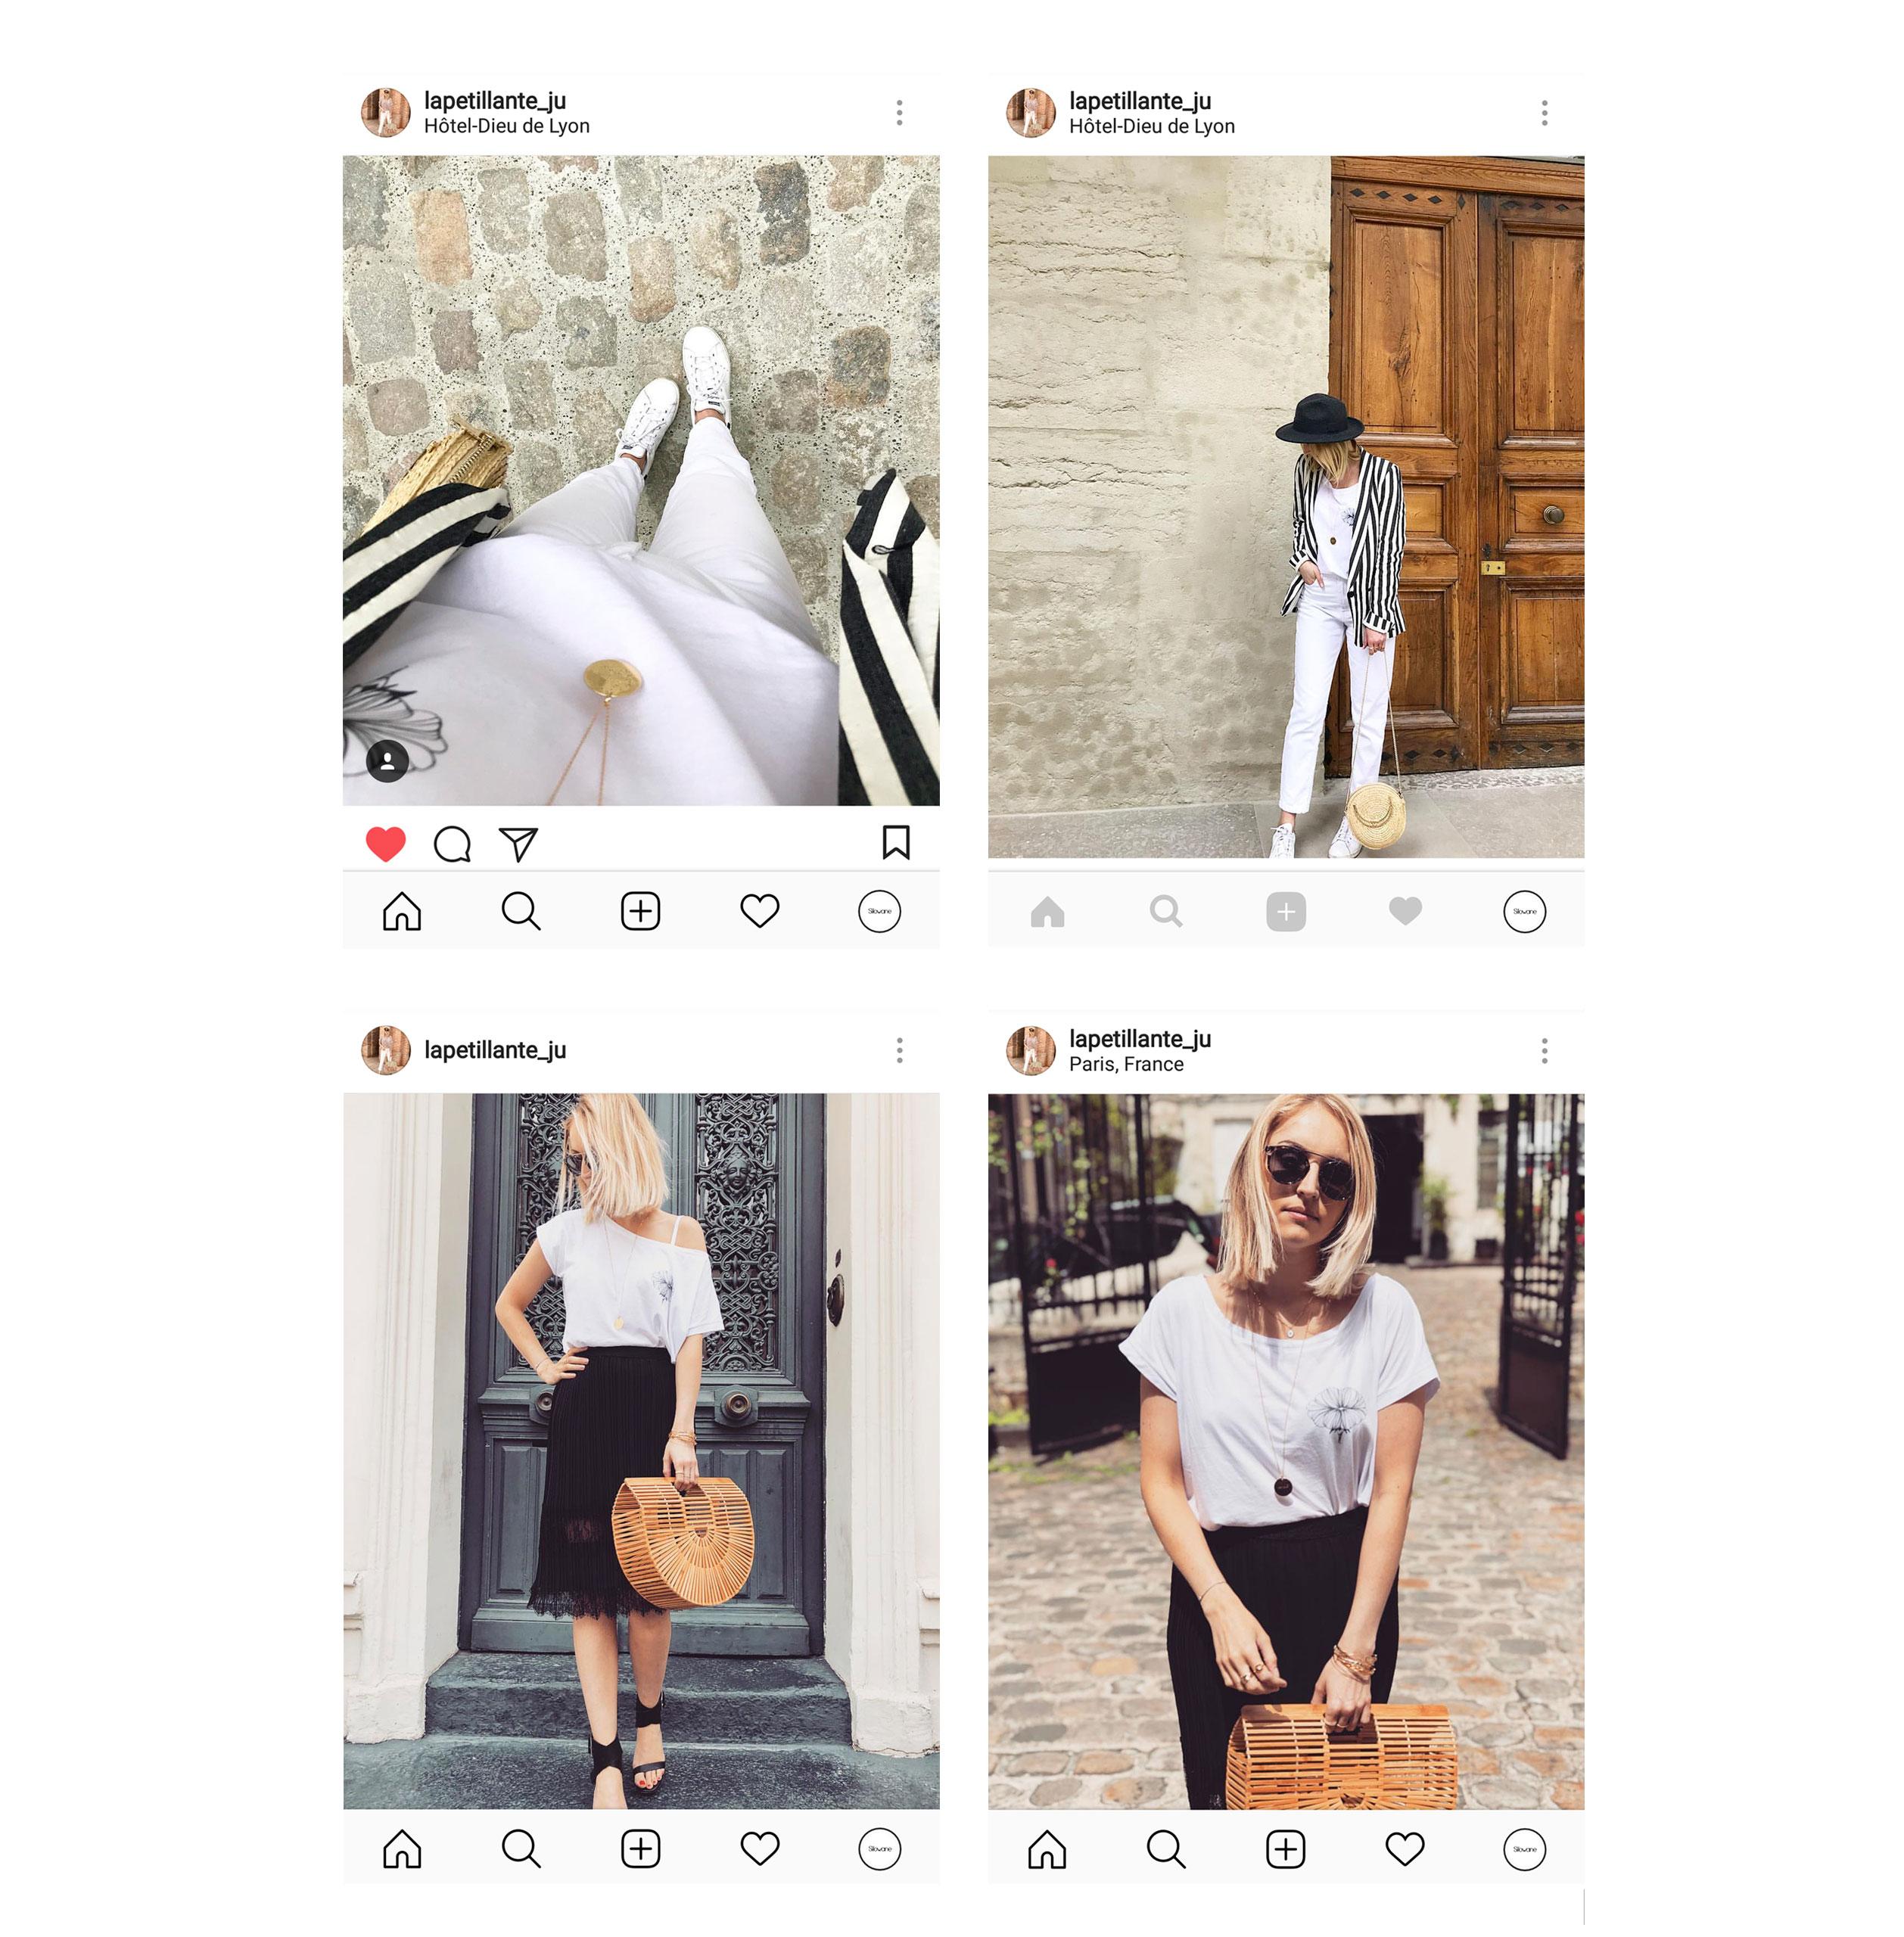 lapetillanteju avec notre t-shirt Bouche- instagram